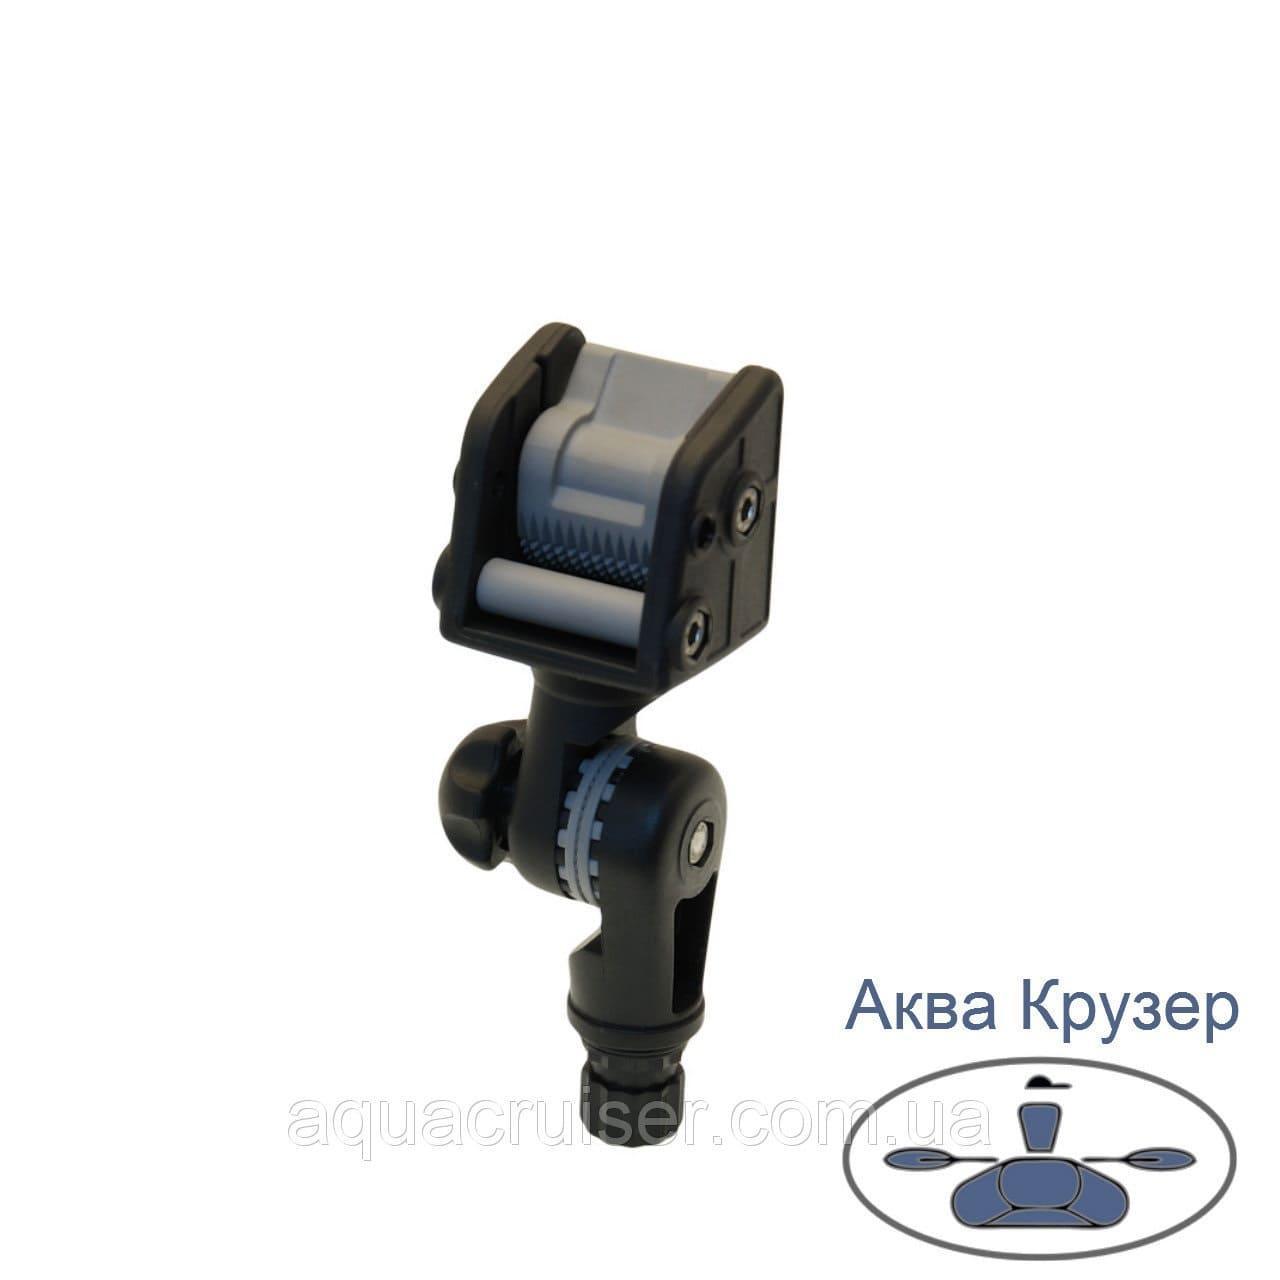 Стопорний вузол для якоря з механізмом нахилу (Al003) borika FASTen, колір чорний